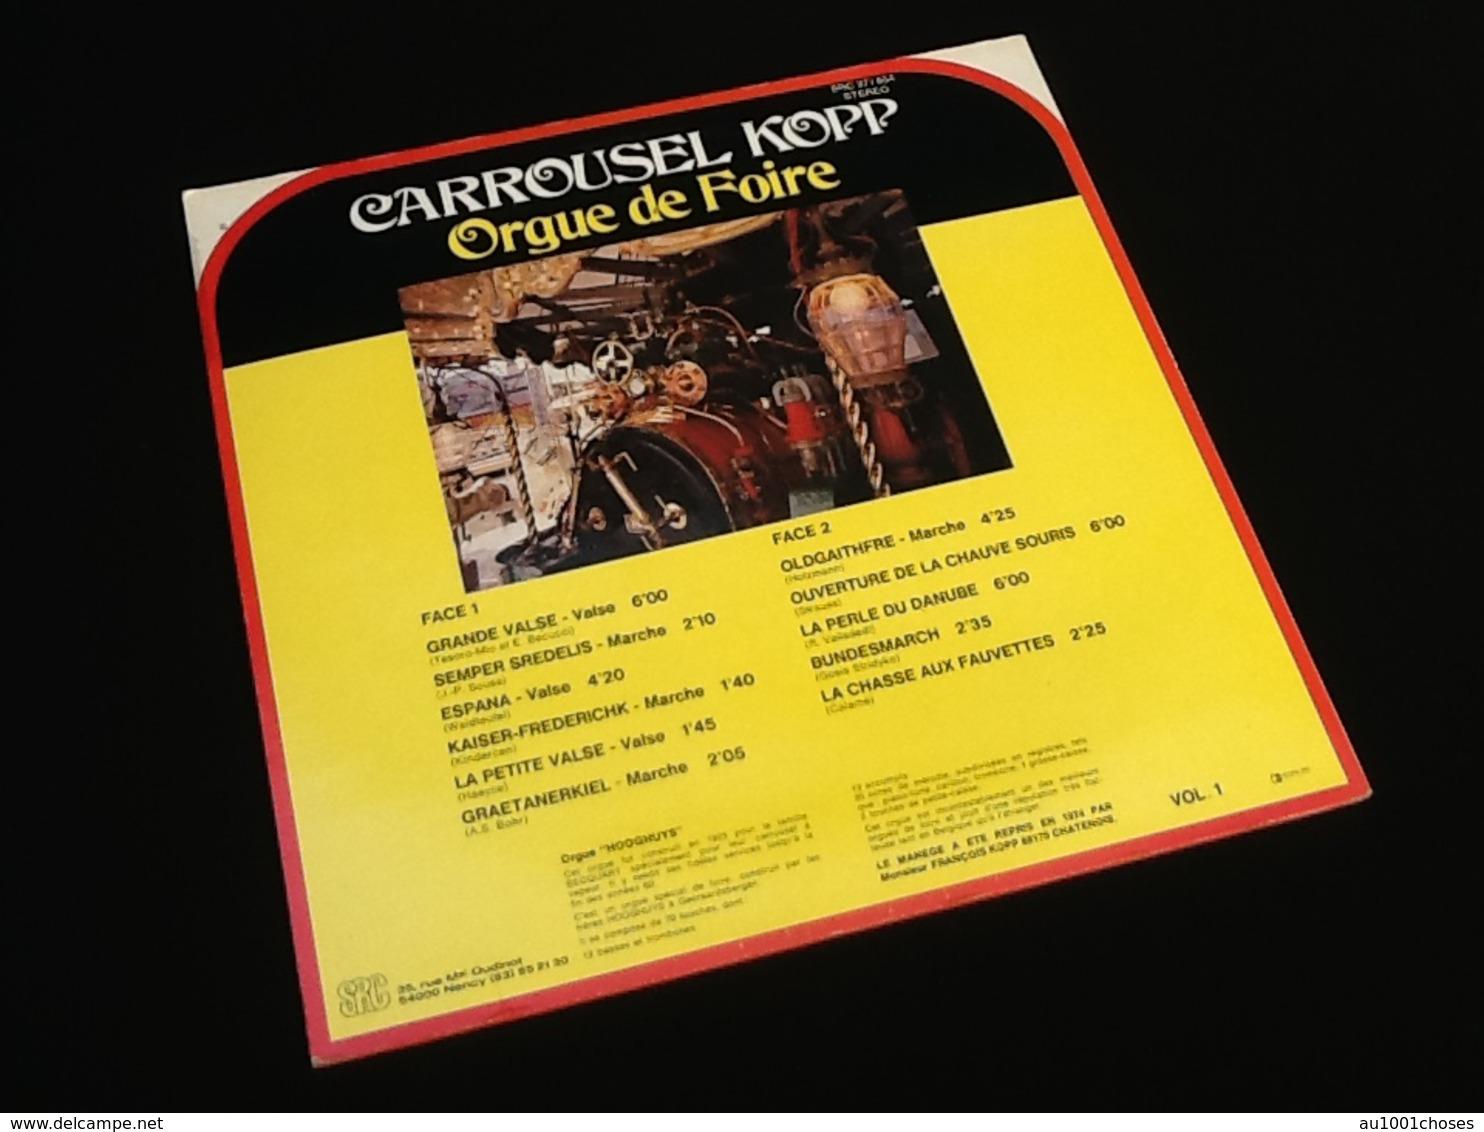 Vinyle 33 Tours  Carrousel Kopp   Orgue De Foire - Vinylplaten